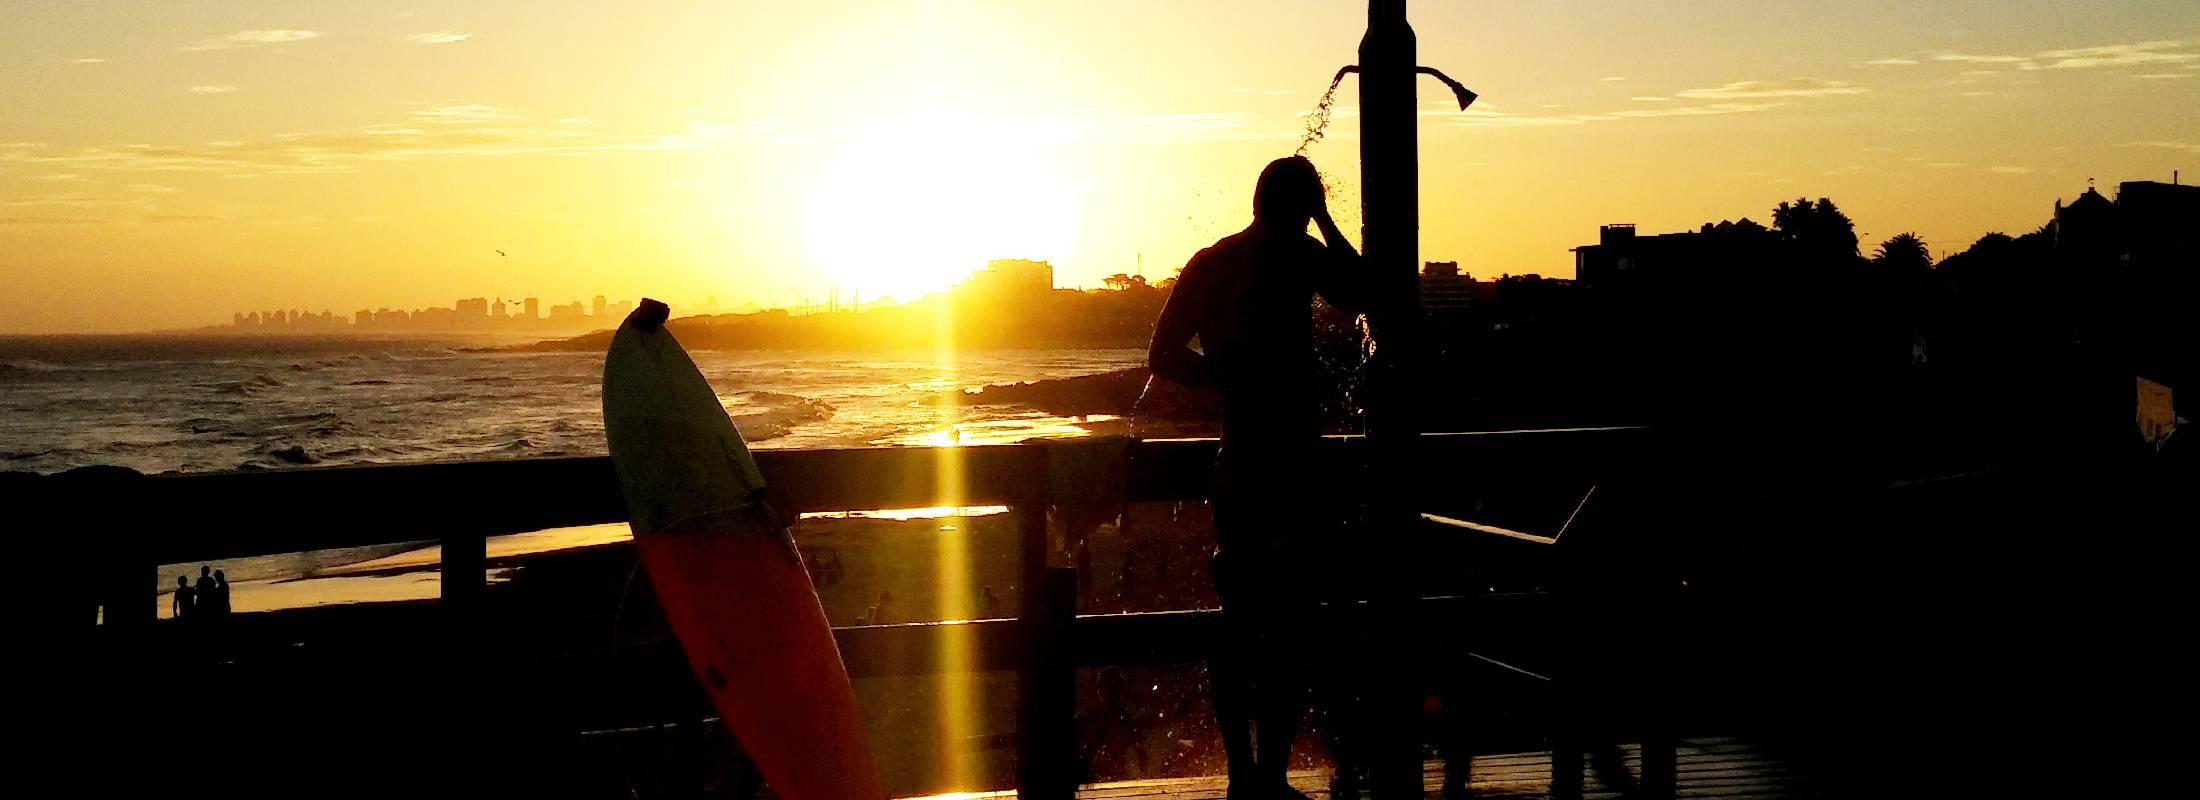 ducha en la playa con la puesta de sol